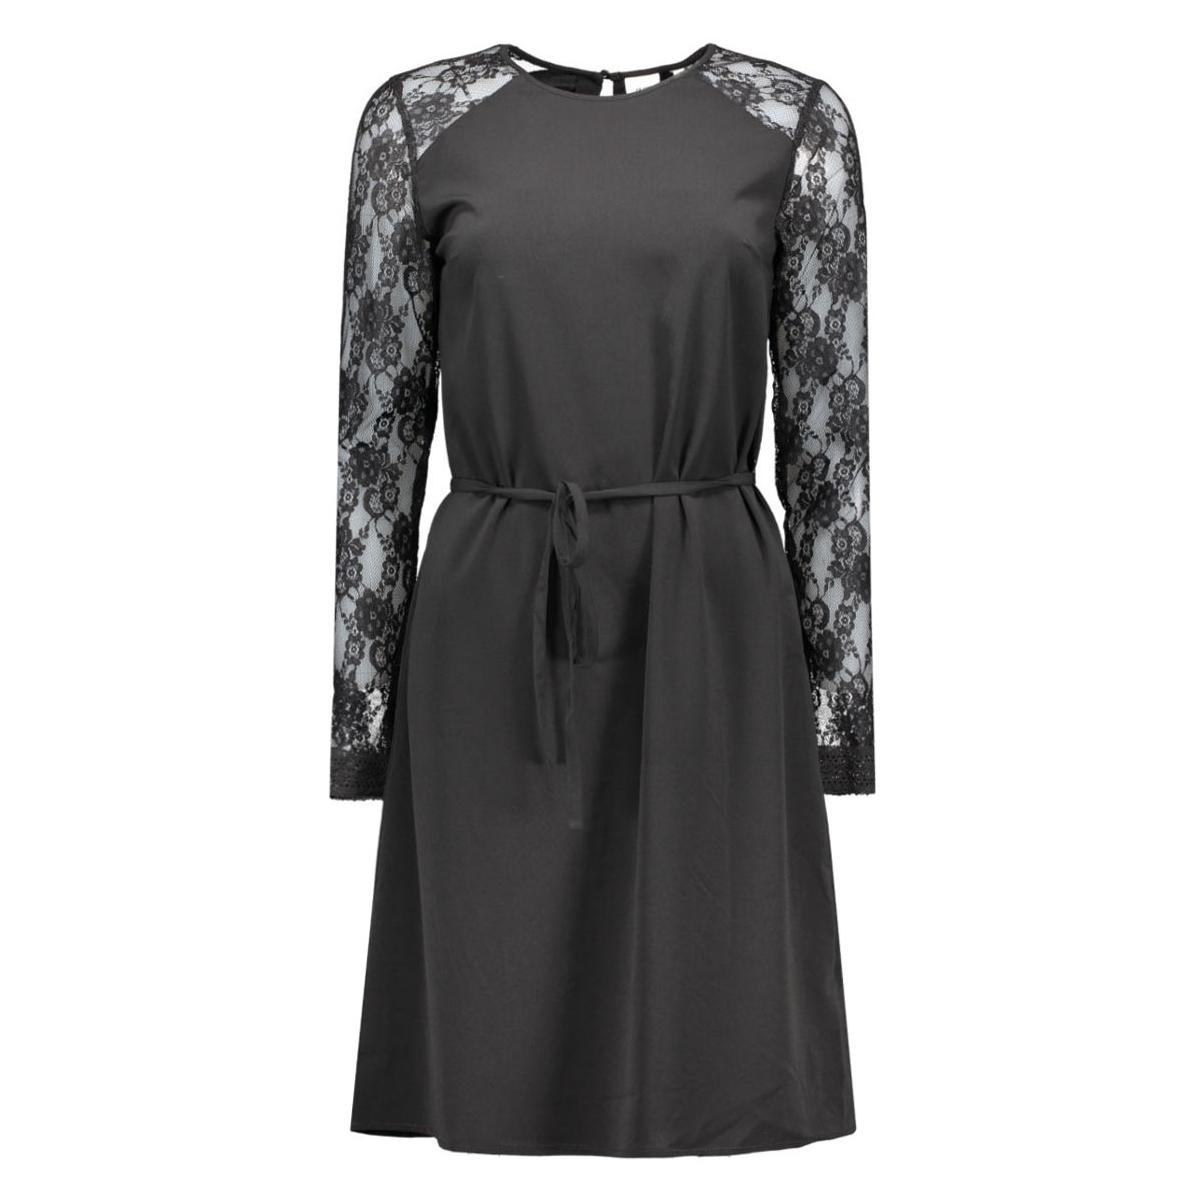 objcam l/s dress .i object jurk black